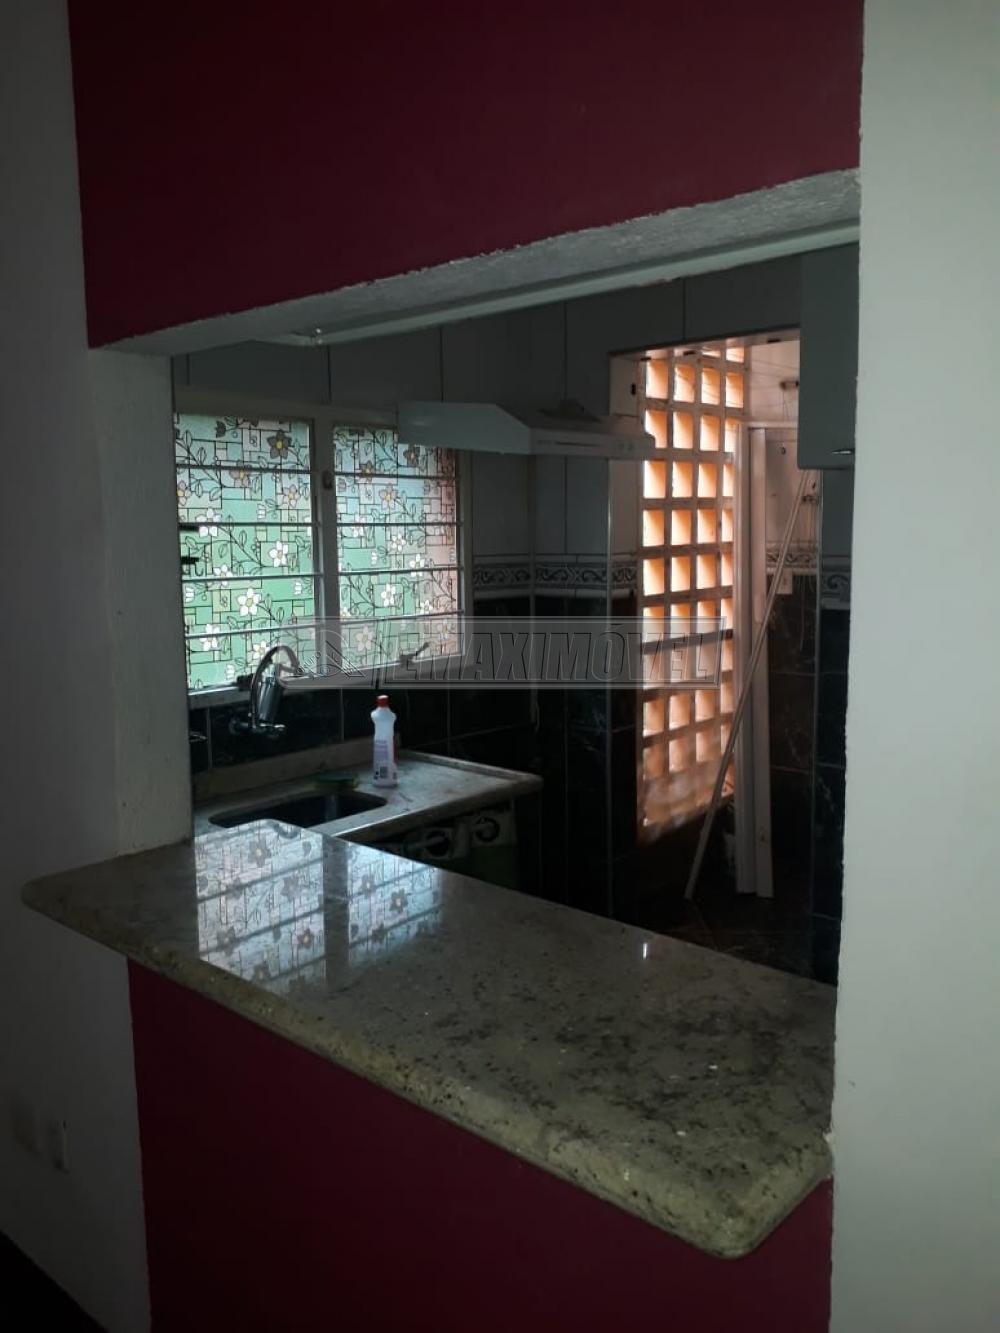 Comprar Apartamentos / Apto Padrão em Sorocaba apenas R$ 155.000,00 - Foto 1